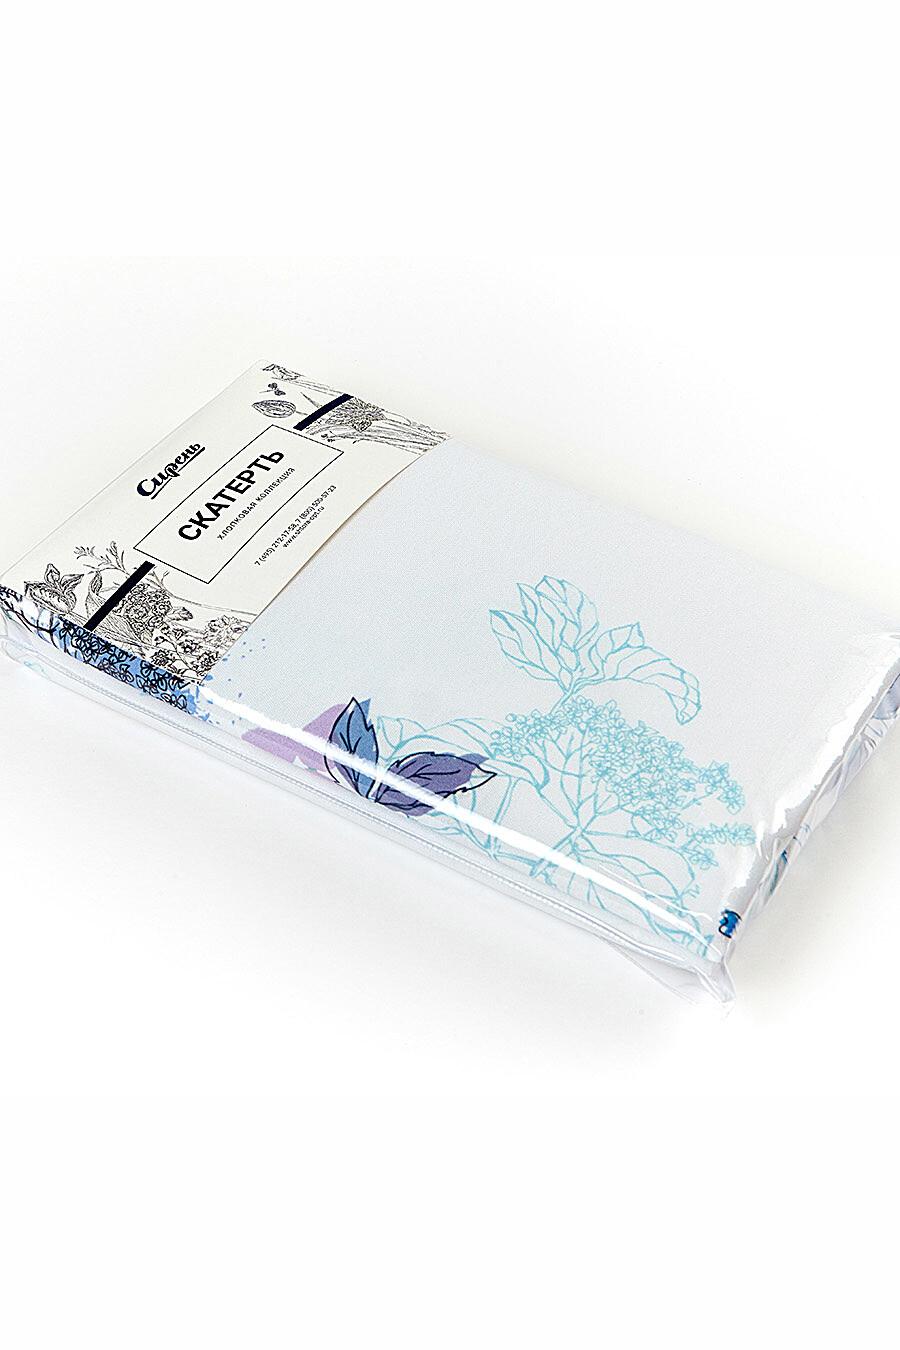 Скатерть прямоугольня для дома ART HOME TEXTILE 131098 купить оптом от производителя. Совместная покупка товаров для дома в OptMoyo